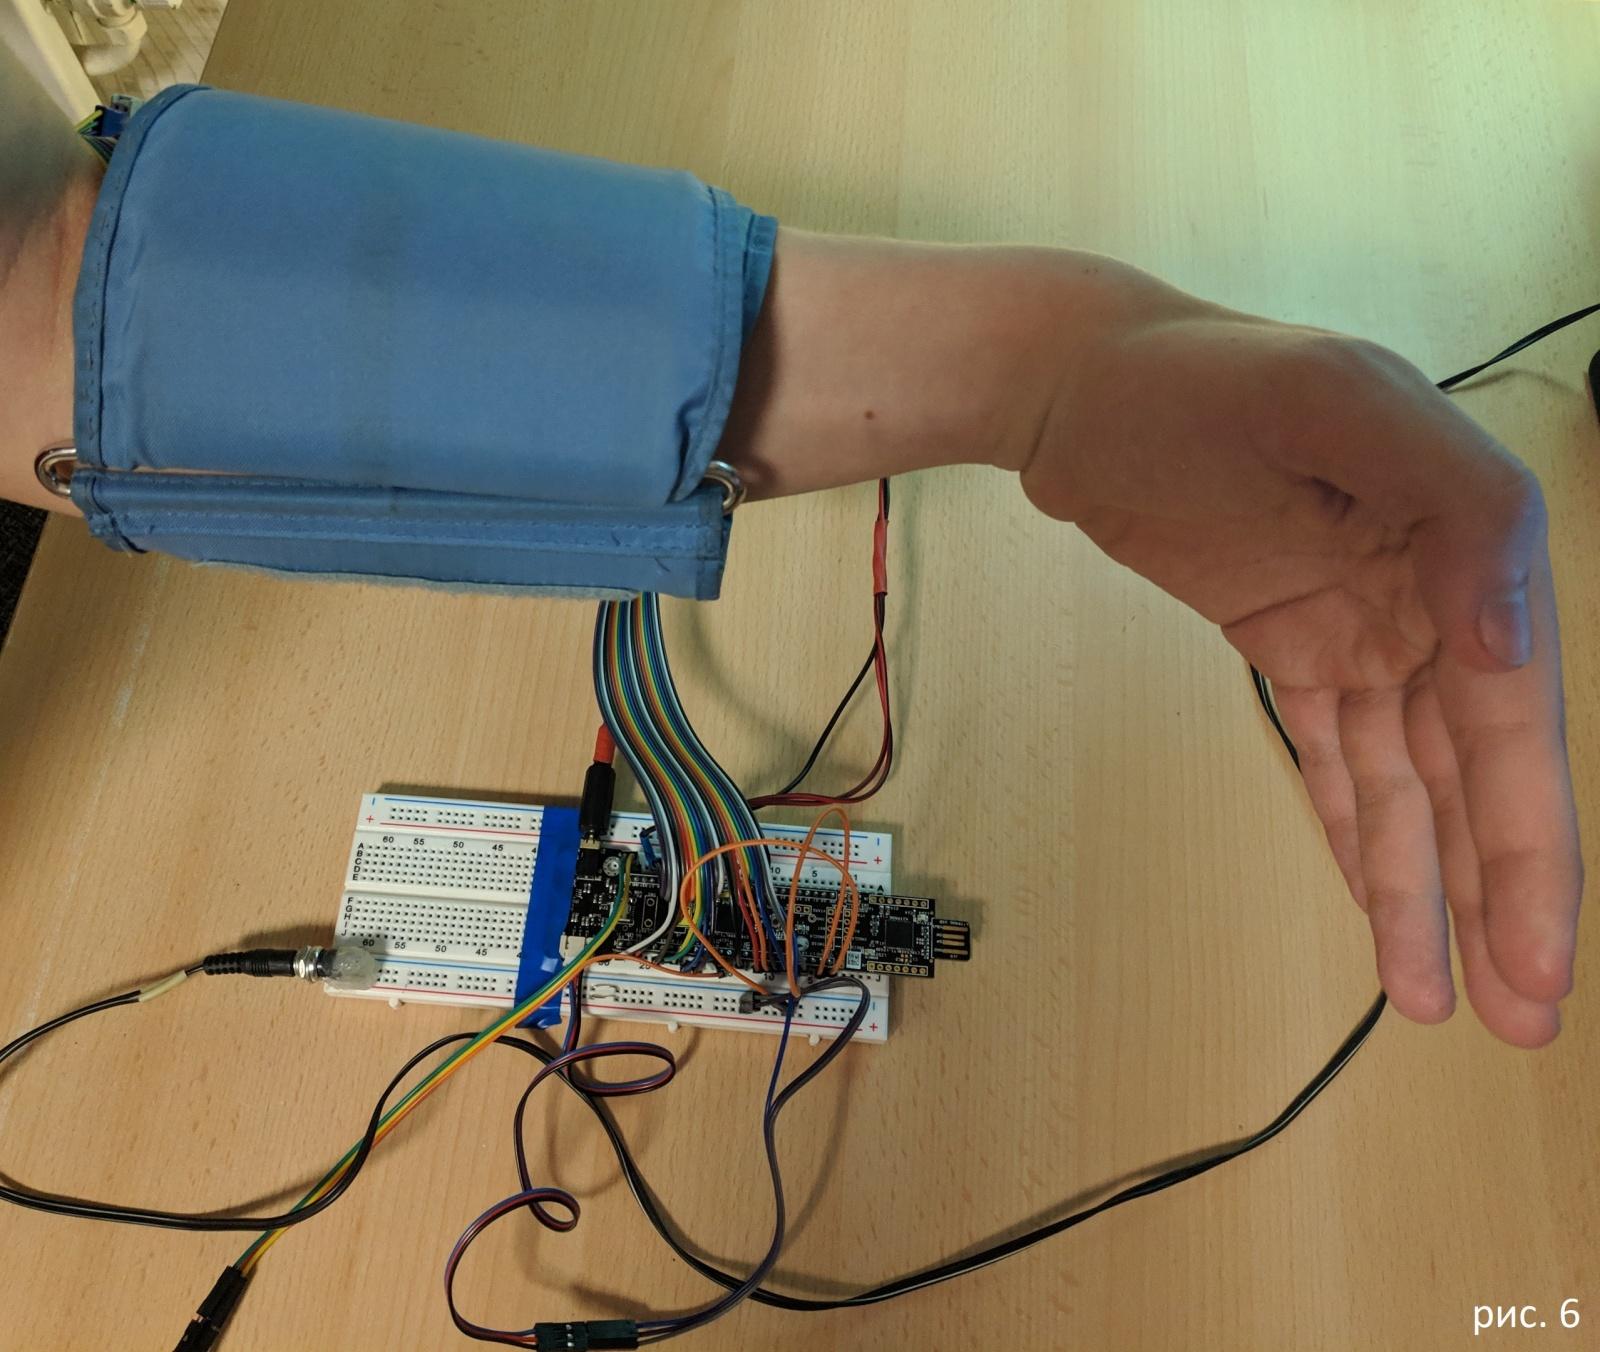 Российский школьник выиграл грант от Google за изобретение устройства, которое помогает глухим озвучивать свои мысли - 7